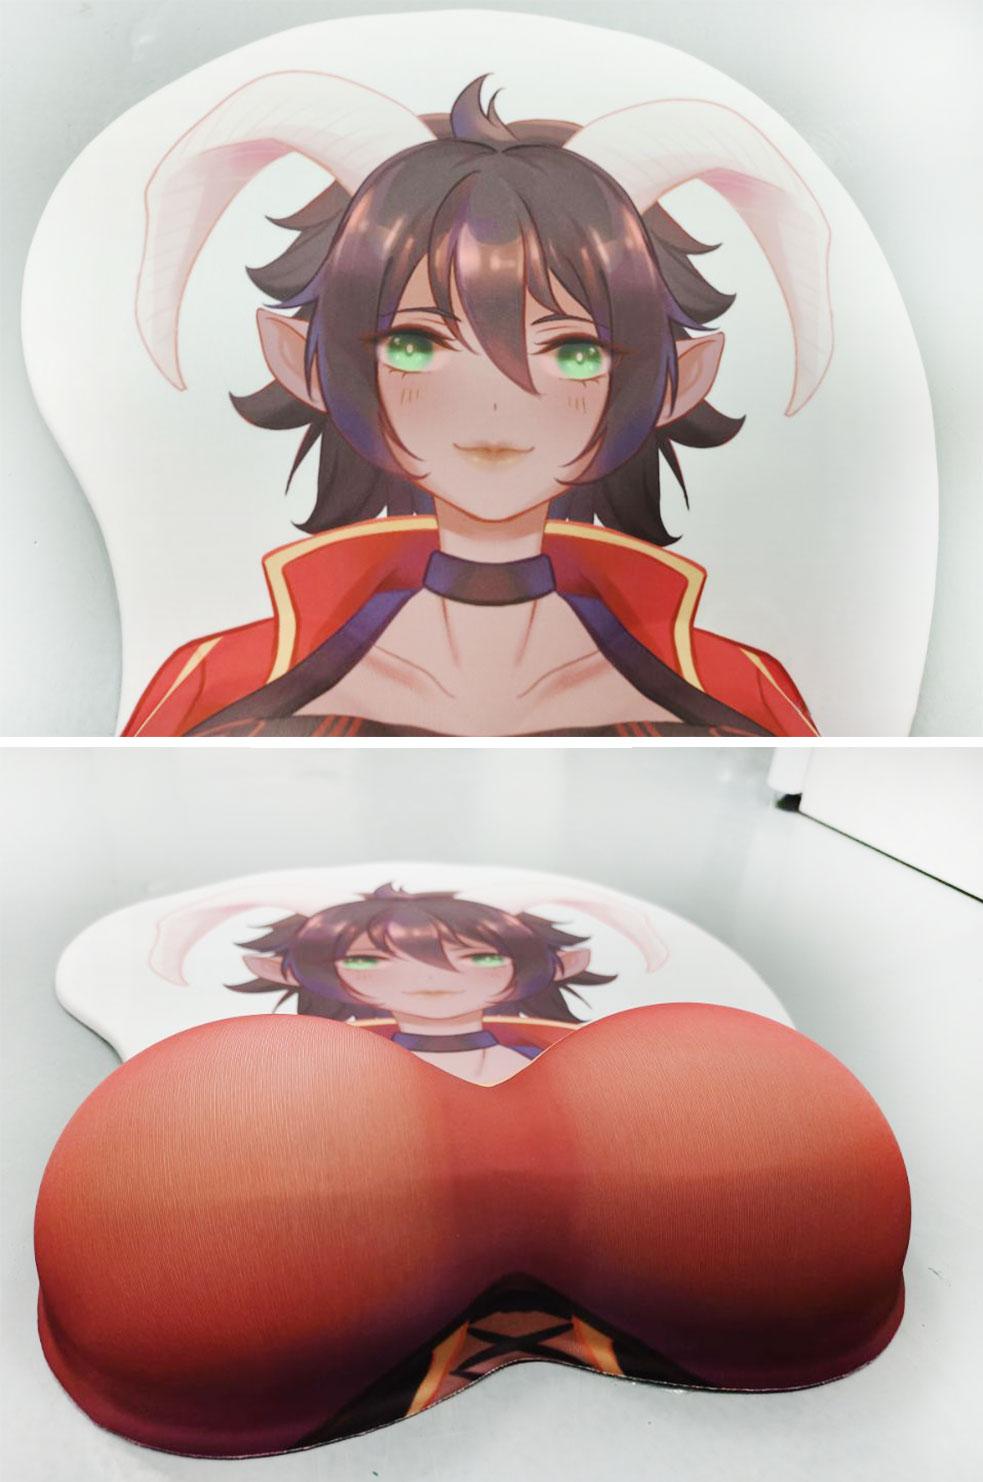 houshou marine life size oppai mousepad houshou marine giant oppai mouse pad 6053 - Anime Mousepads